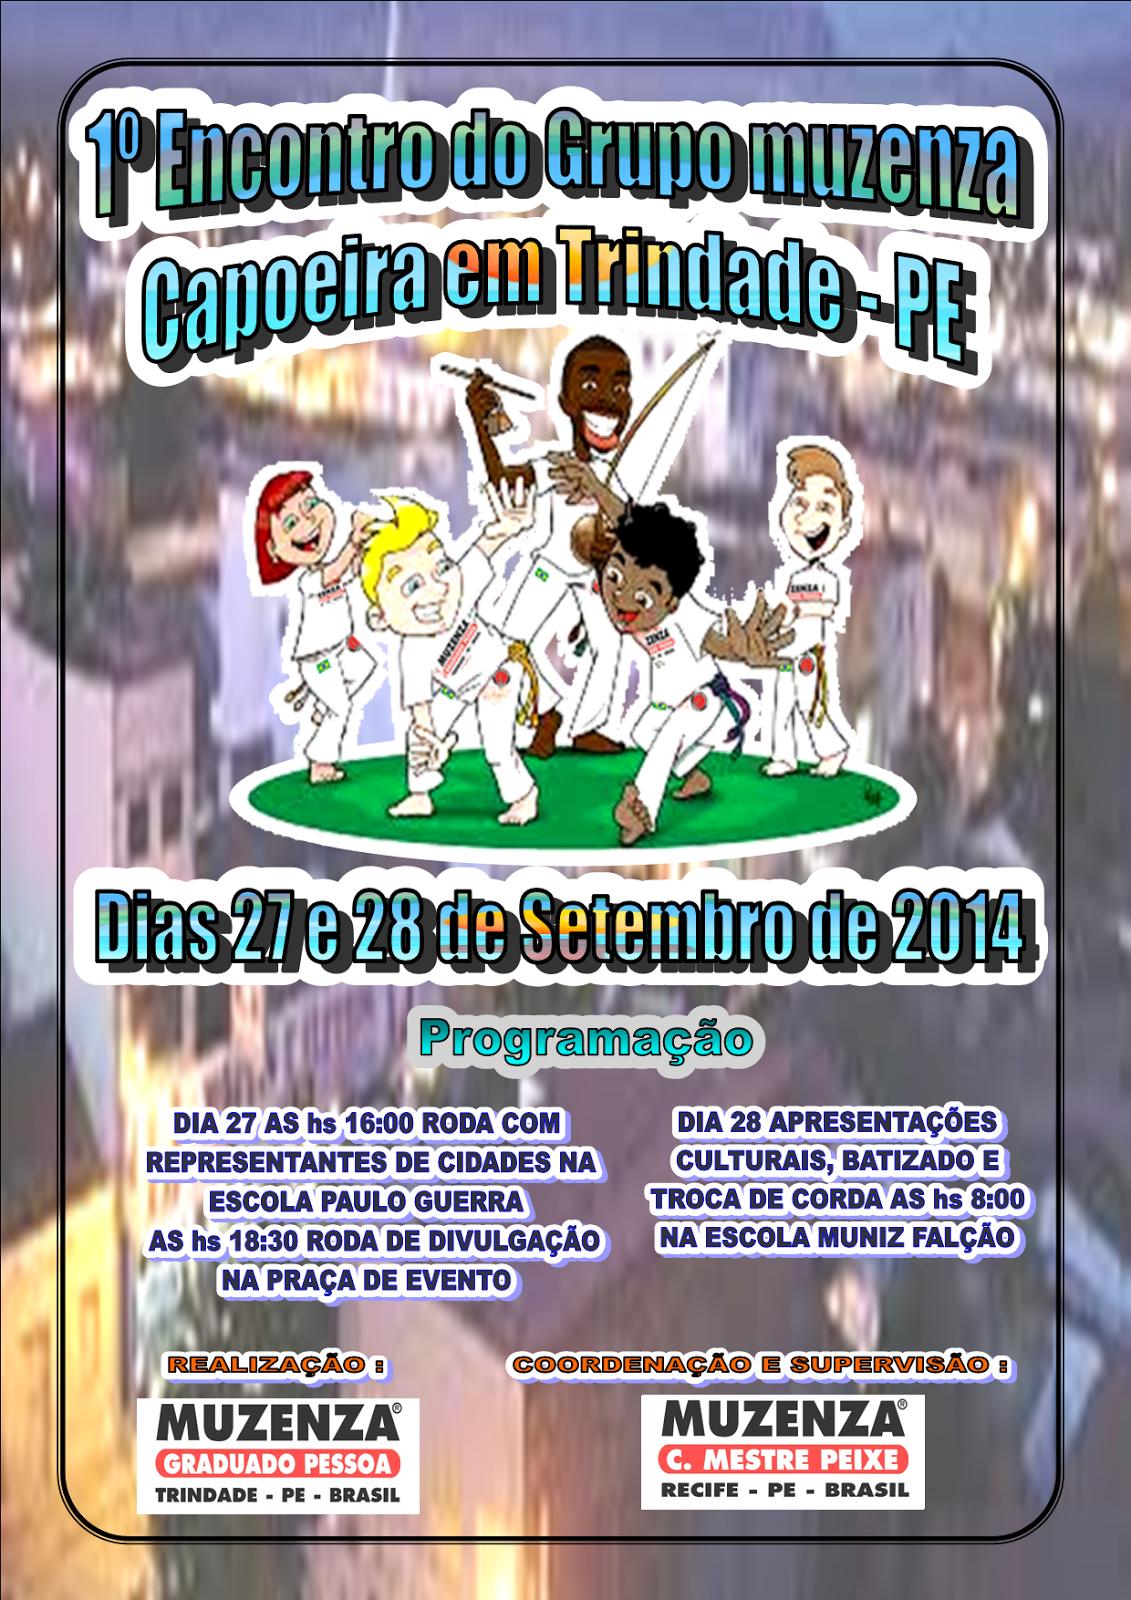 1º Encontro do Grupo Muzenza Capoeira em Trindade - dias 27 e 28 de setembro de 2014